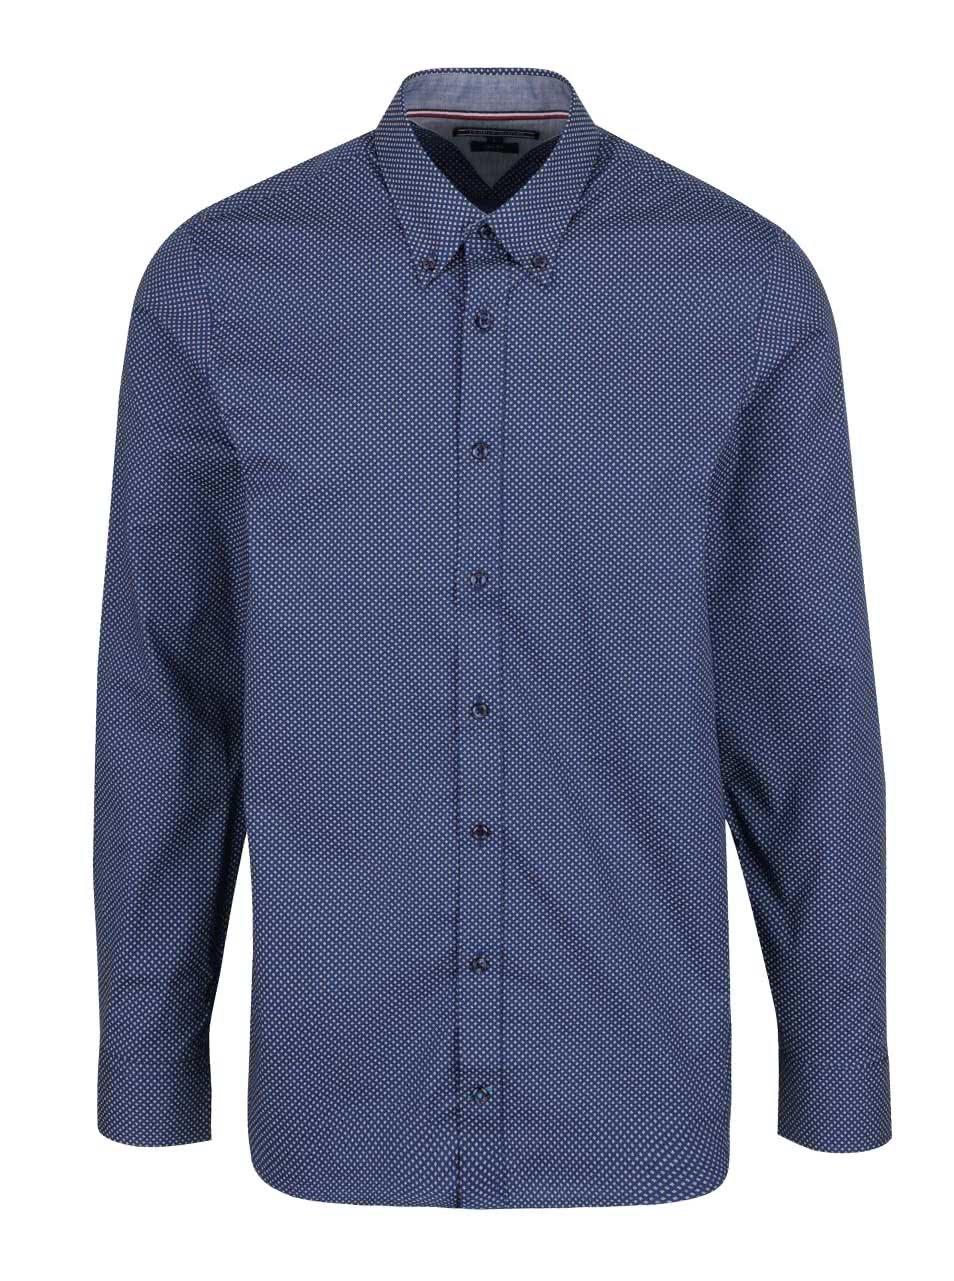 Bílo-modrá pánská vzorovaná slim fit košile Tommy Hilfiger